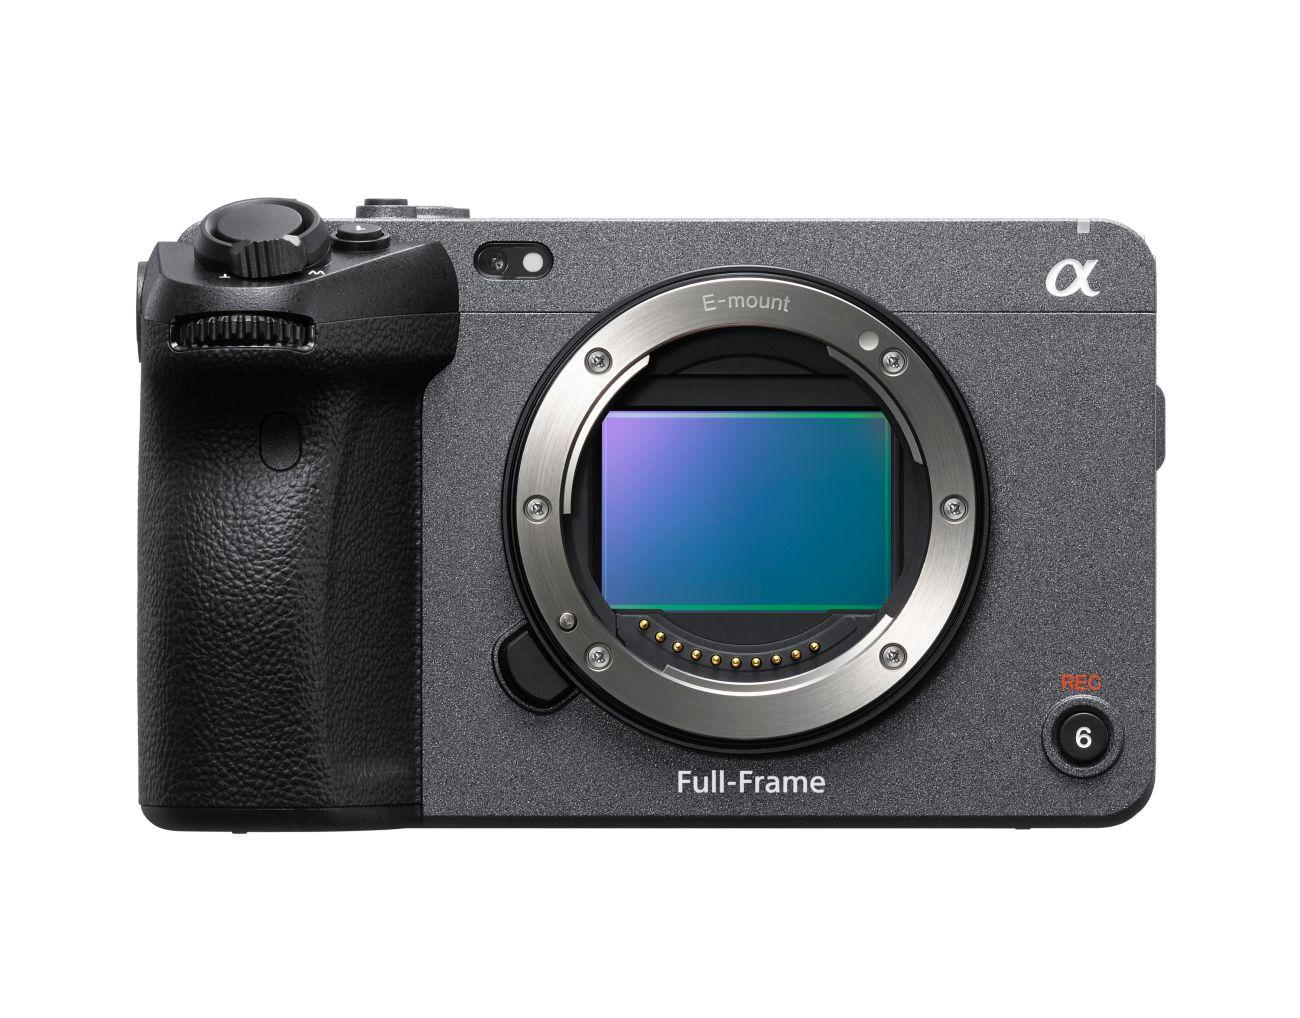 В России полнокадровая камера Sony FX3 оценена в 379990 рублей